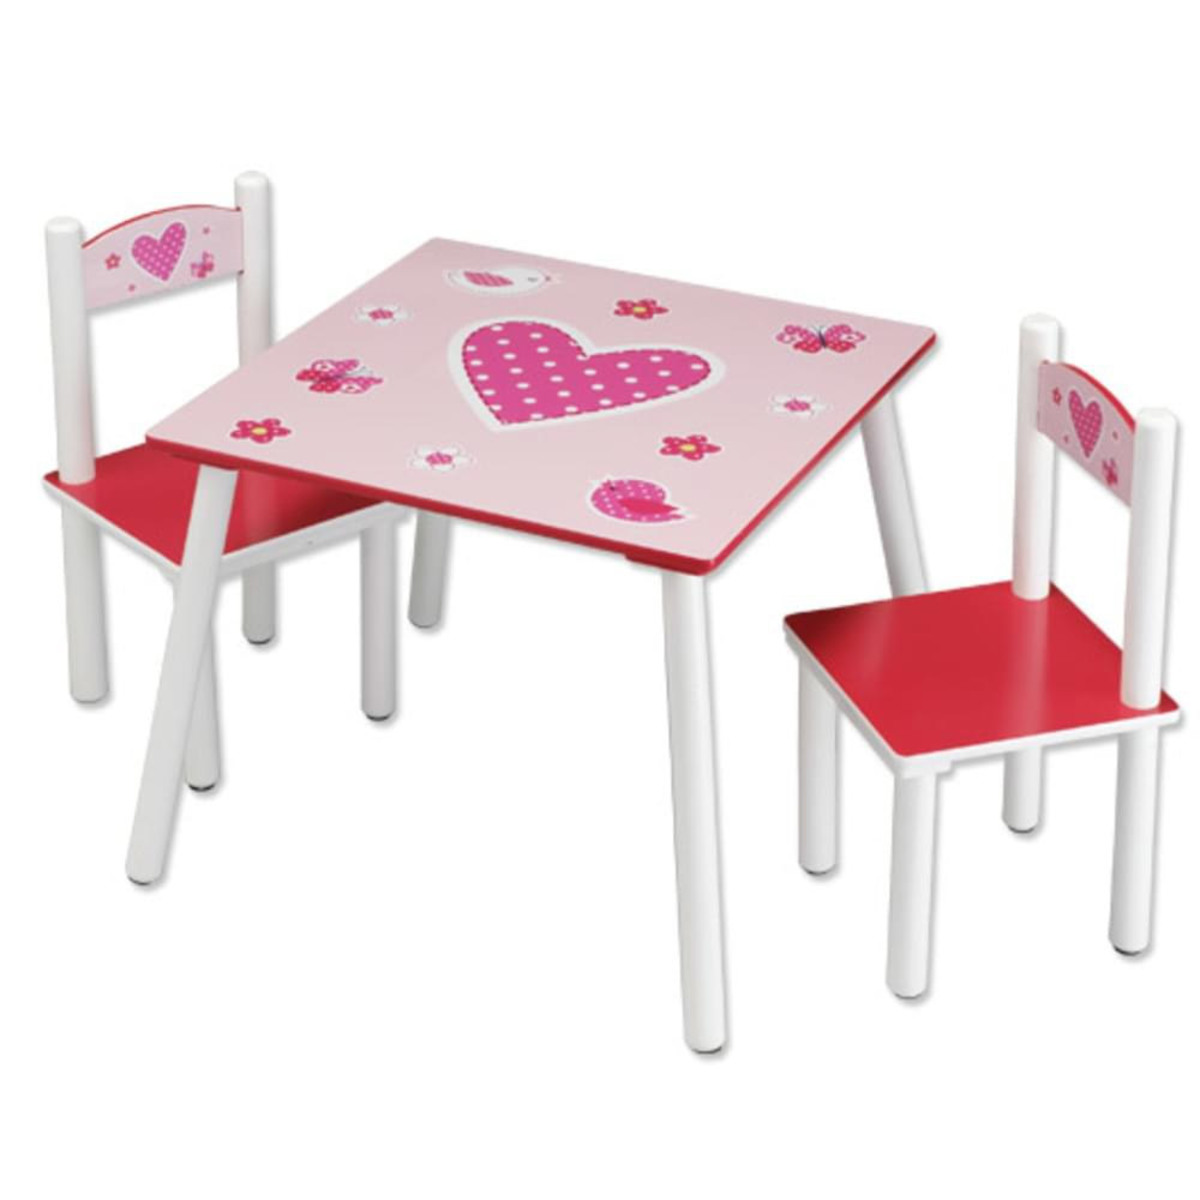 Bild 2 von Kesper Kindertisch mit 2 Stühlen, Herzen - 3er Set